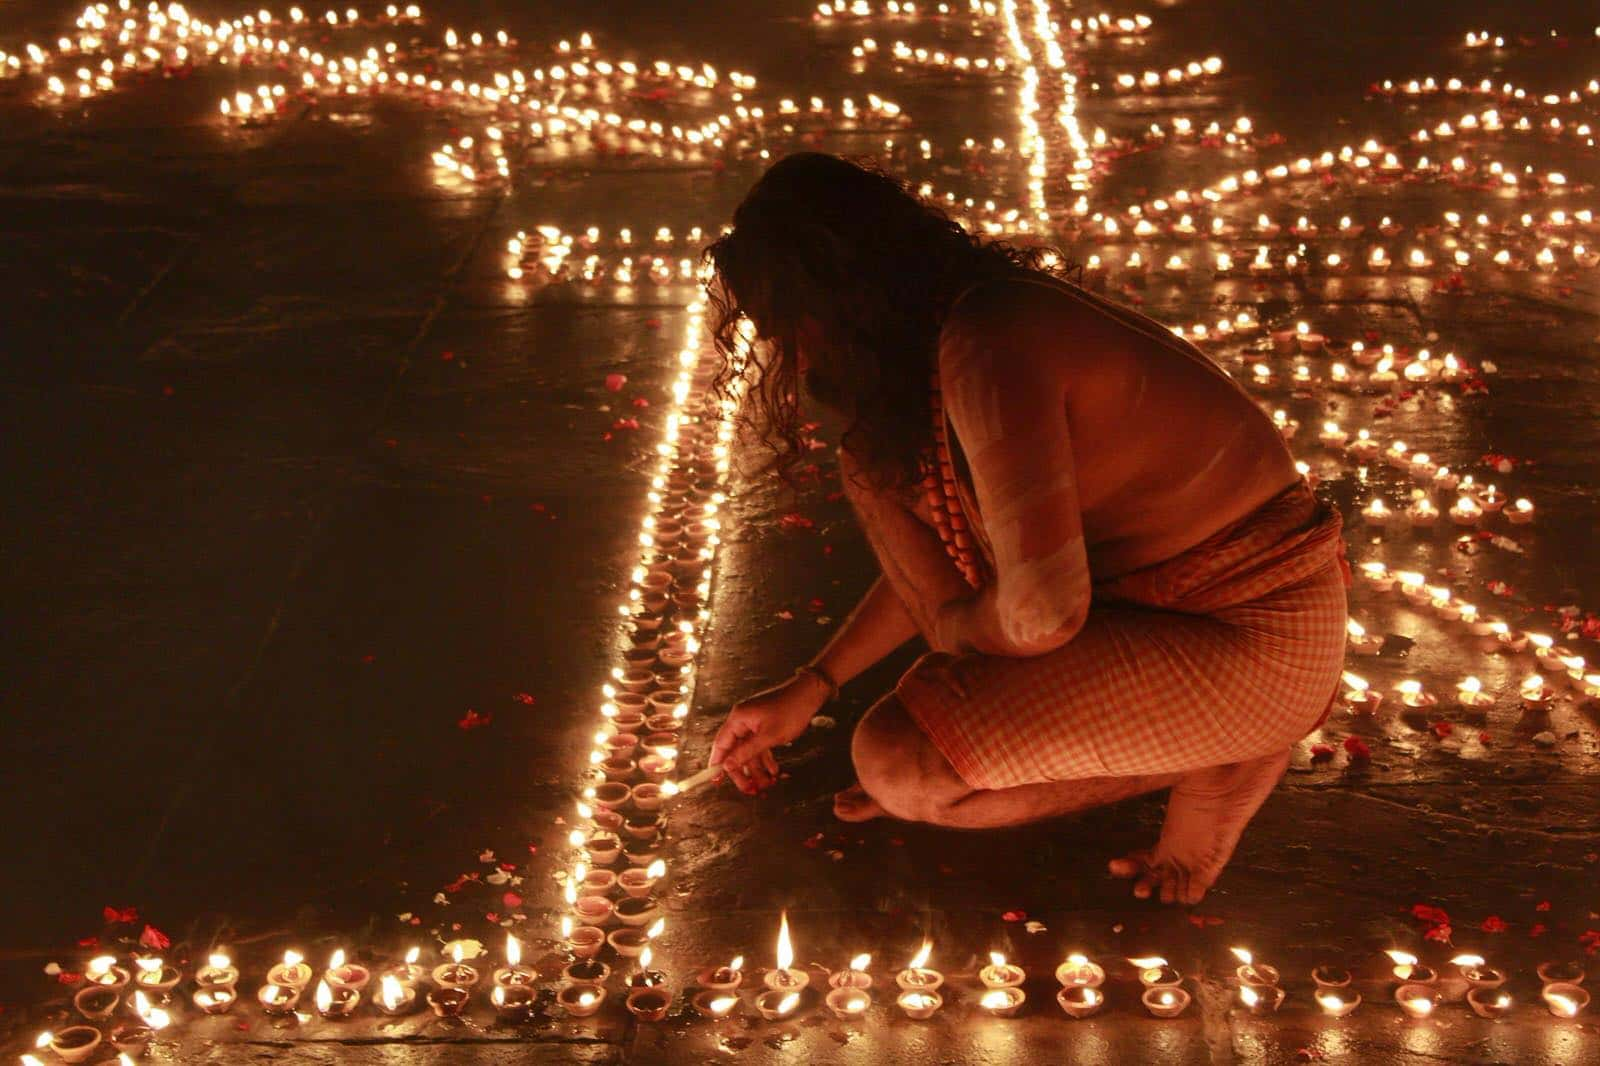 印度隱藏版攻略:眾神之光節 Dev Deepawali,百萬盞陶土油燈閃耀恆河